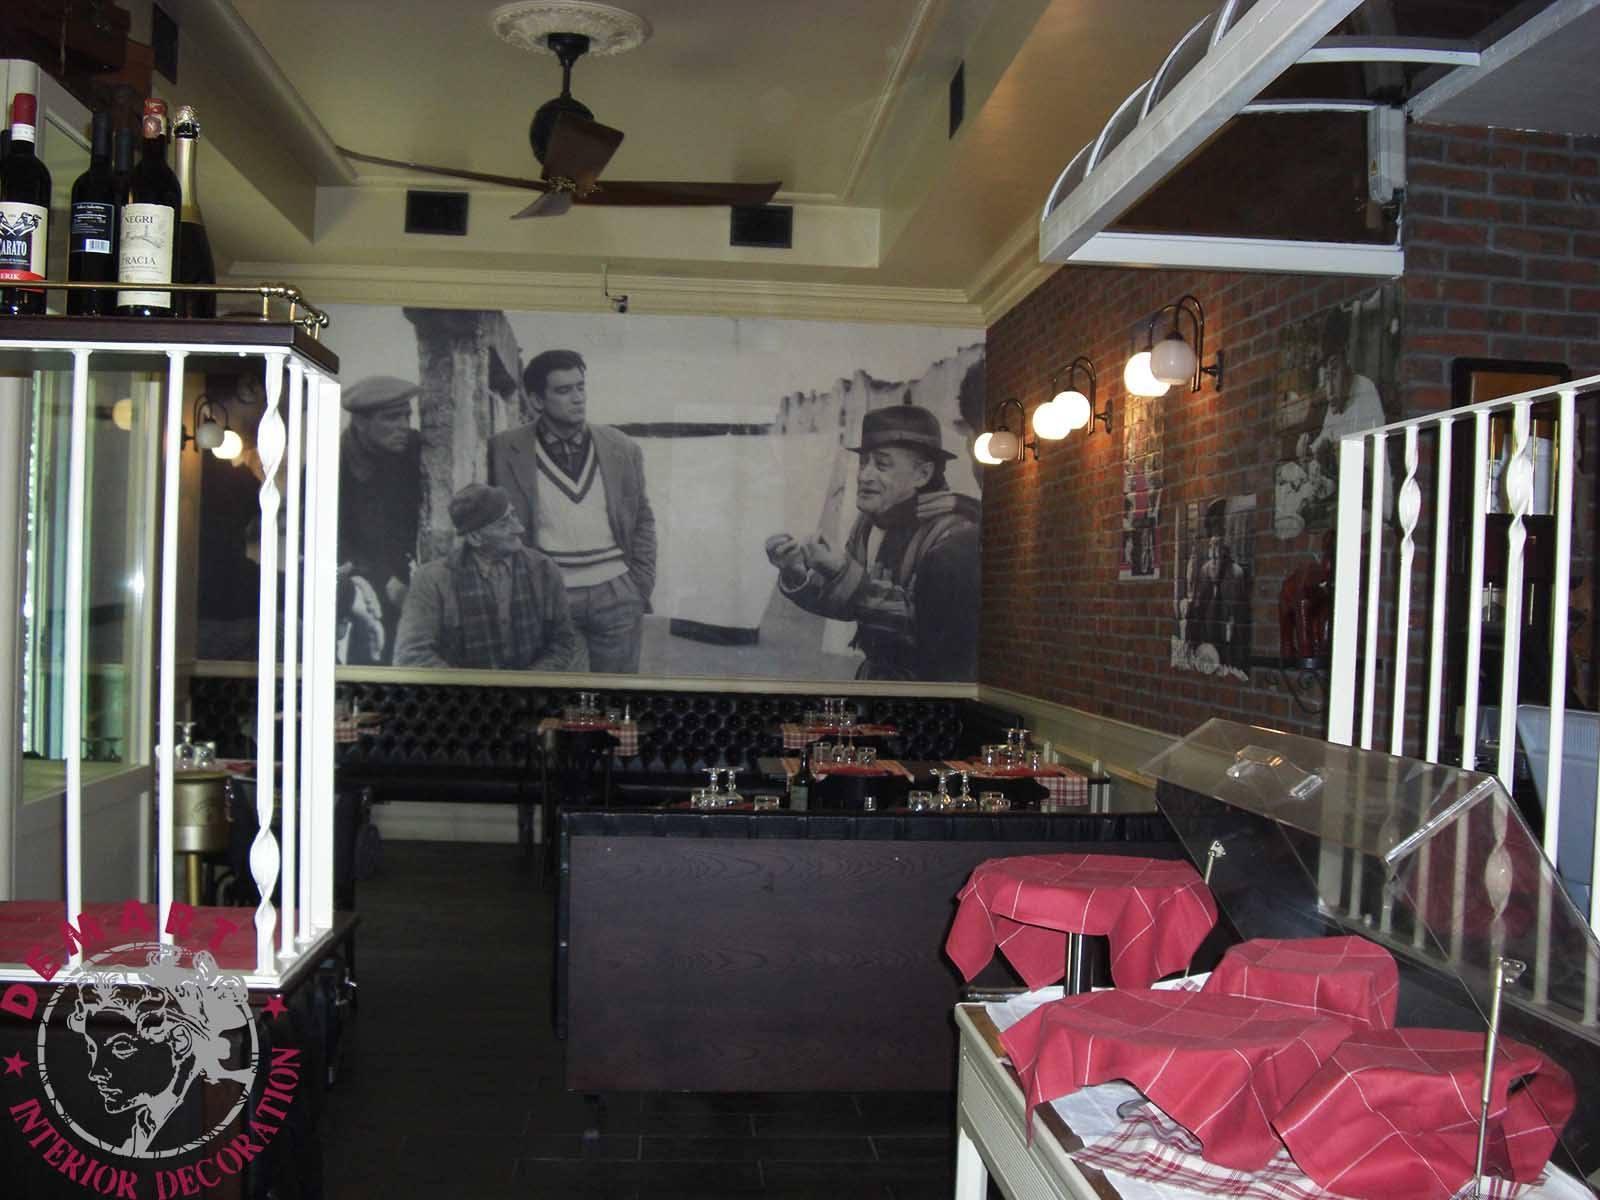 decorazione-parete-mattoni-affresco-digitale-ristorante